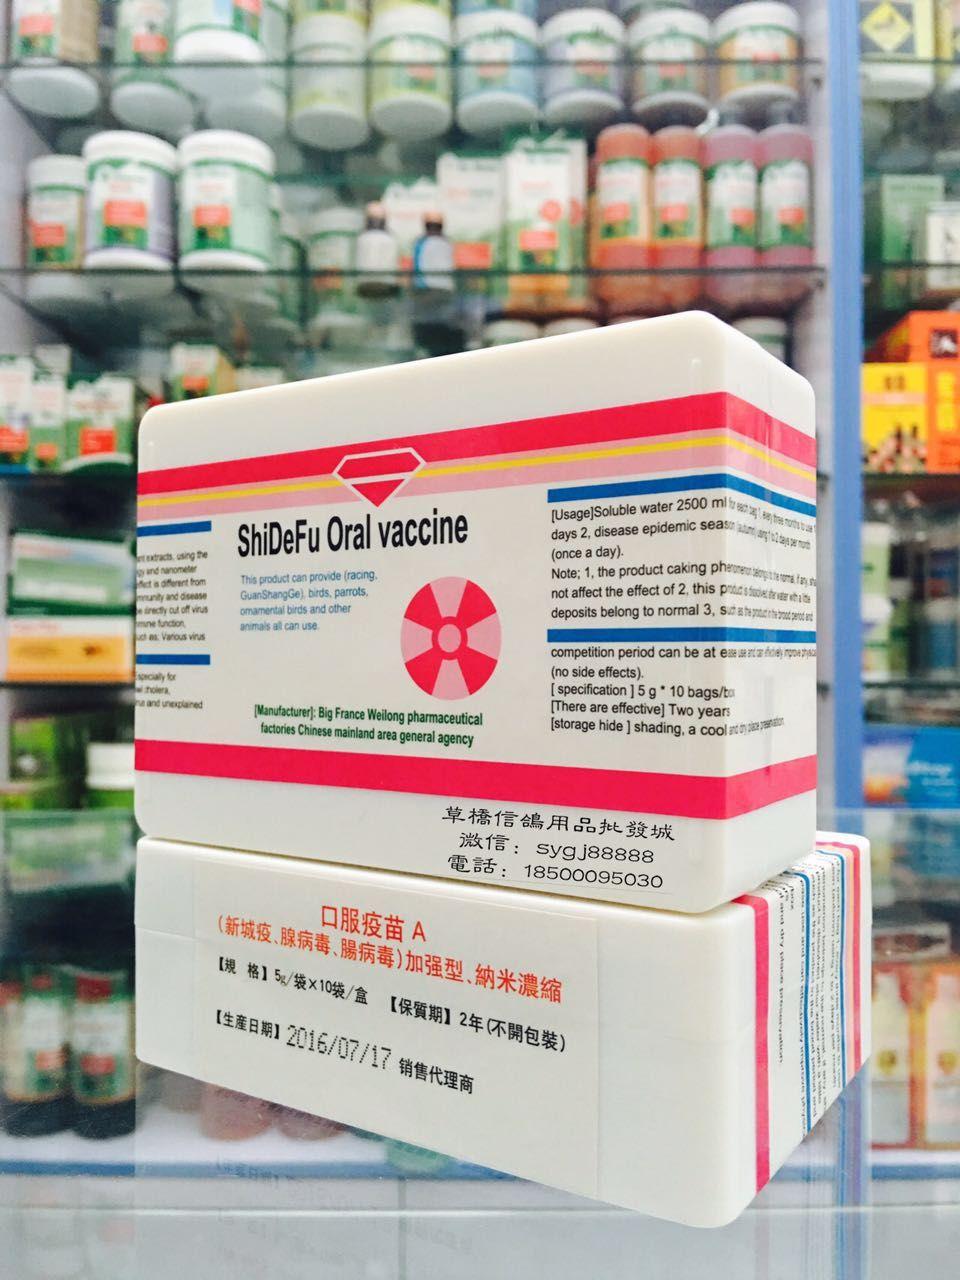 施德福-口服疫苗(新城疫,腺病毒)